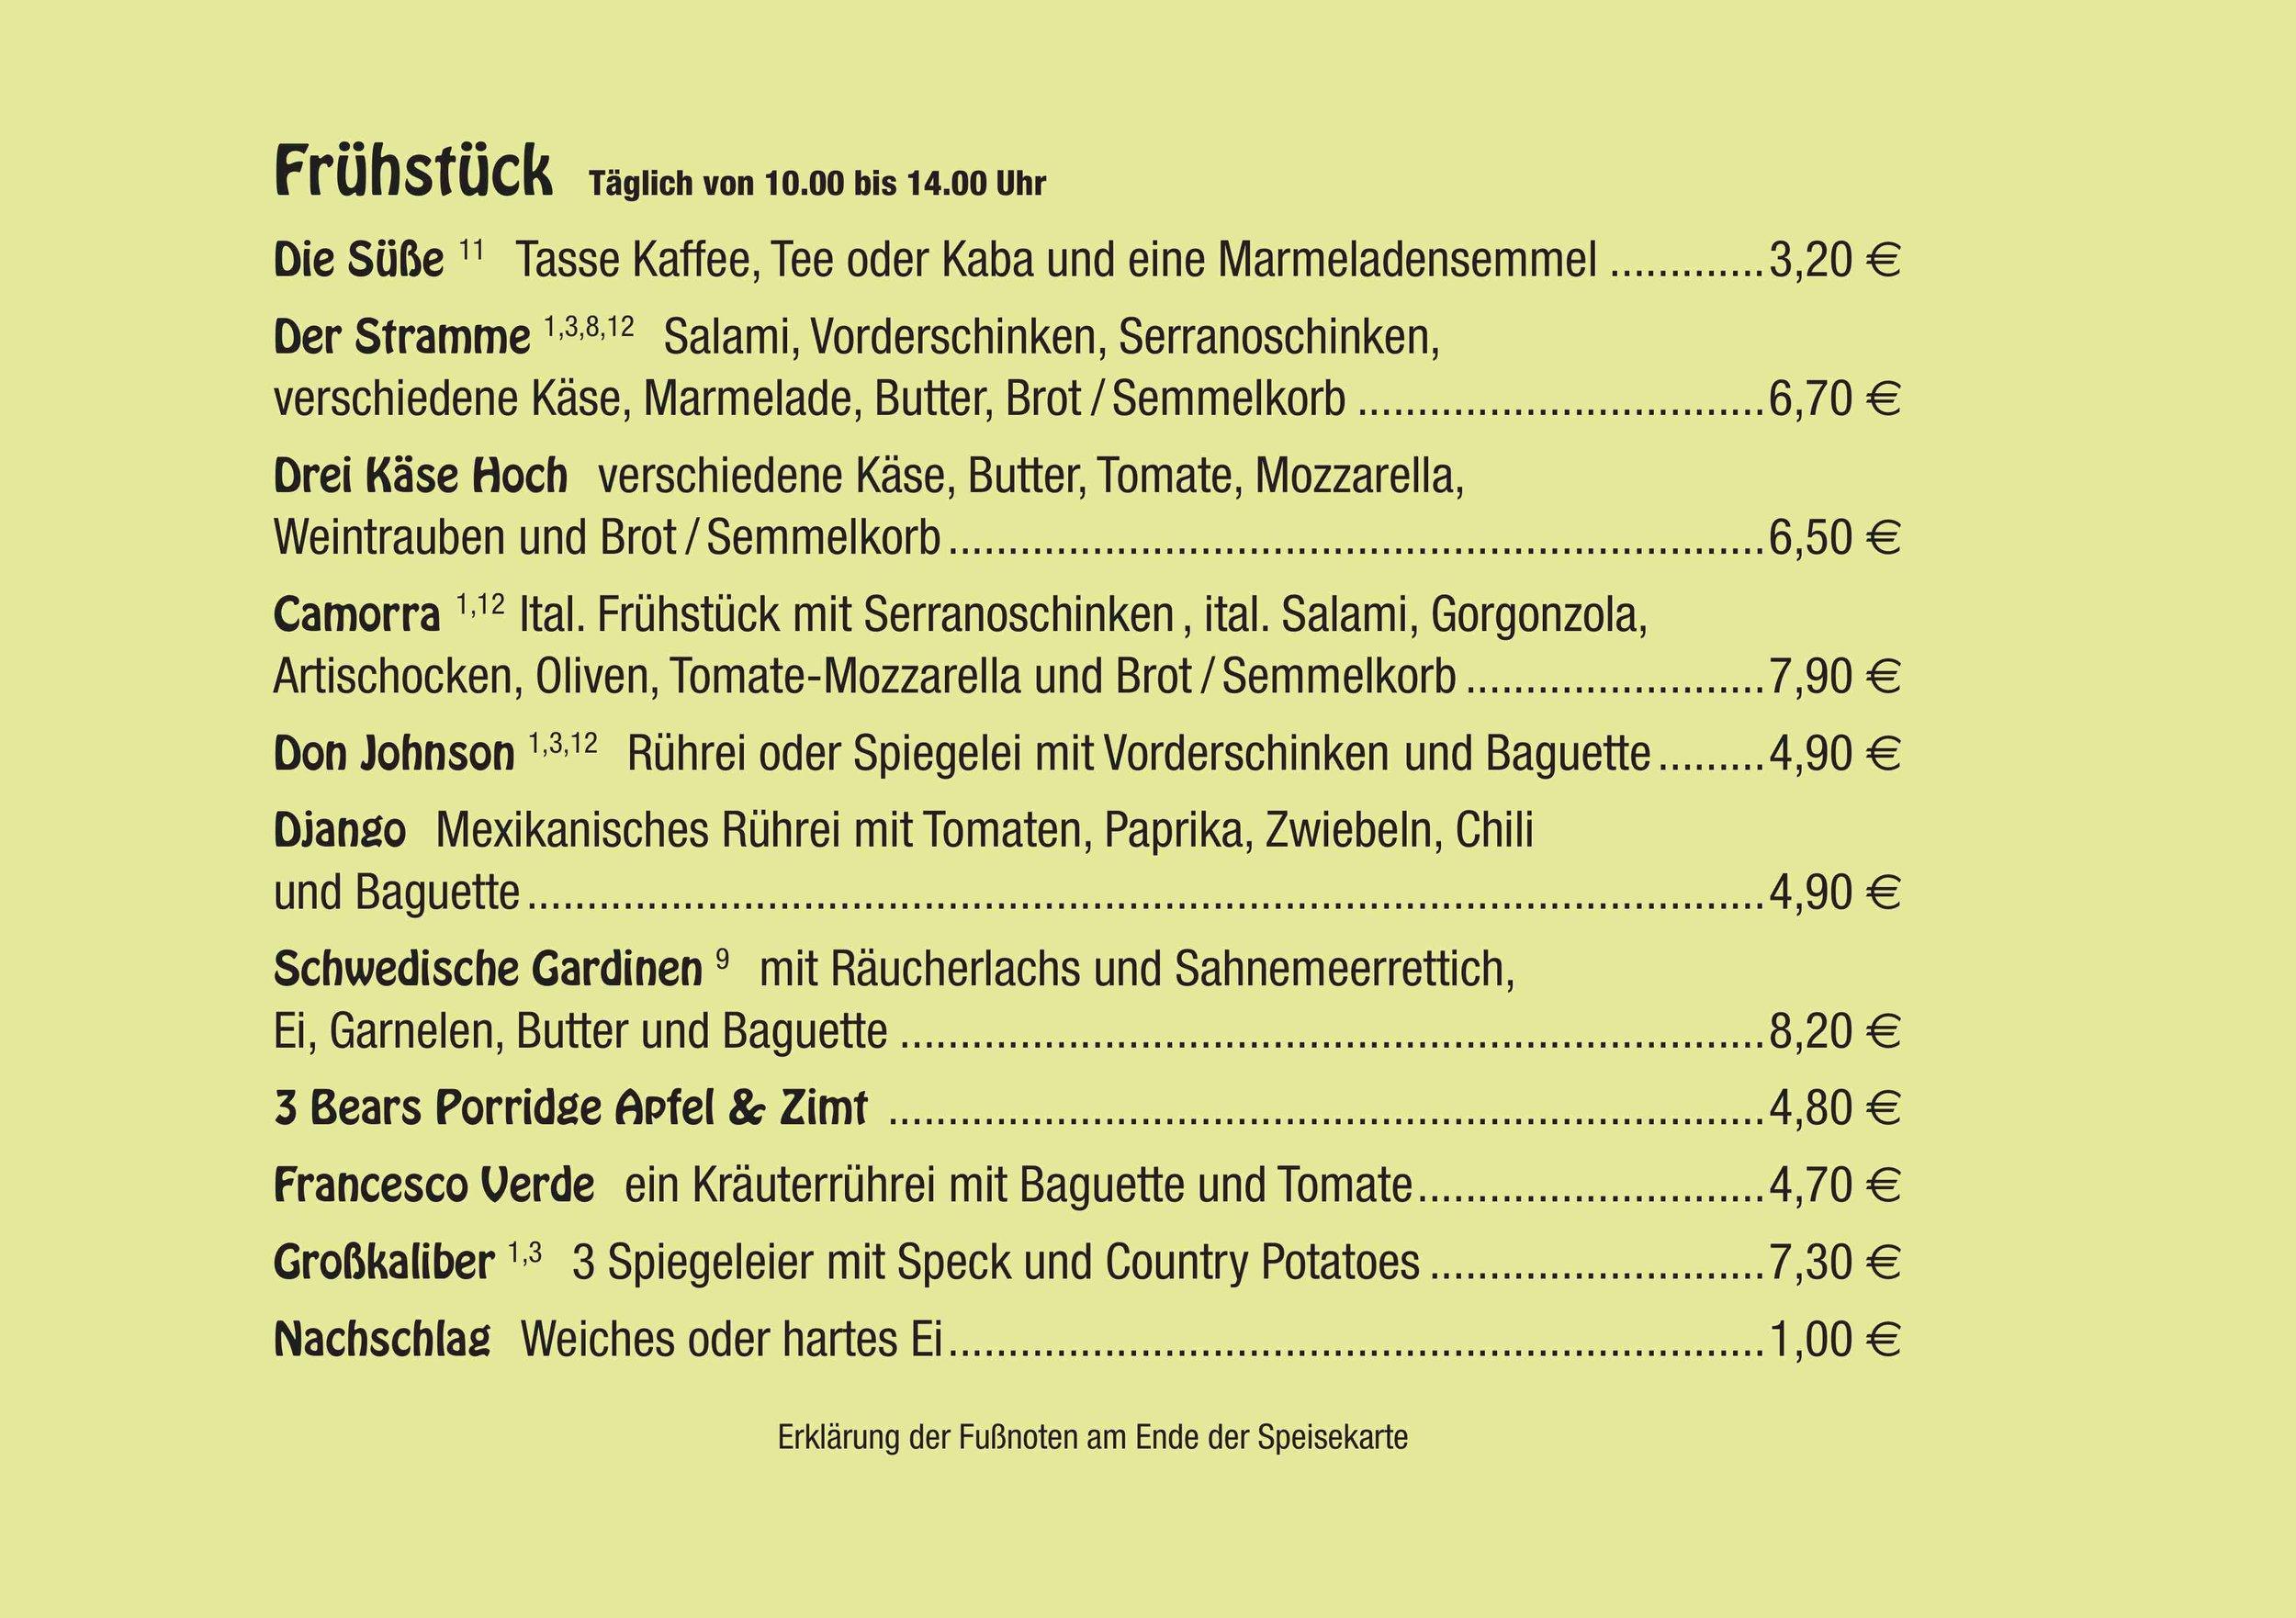 Kesselhaus_Bad_Tölz_Speisekarte_Frühstück.jpg